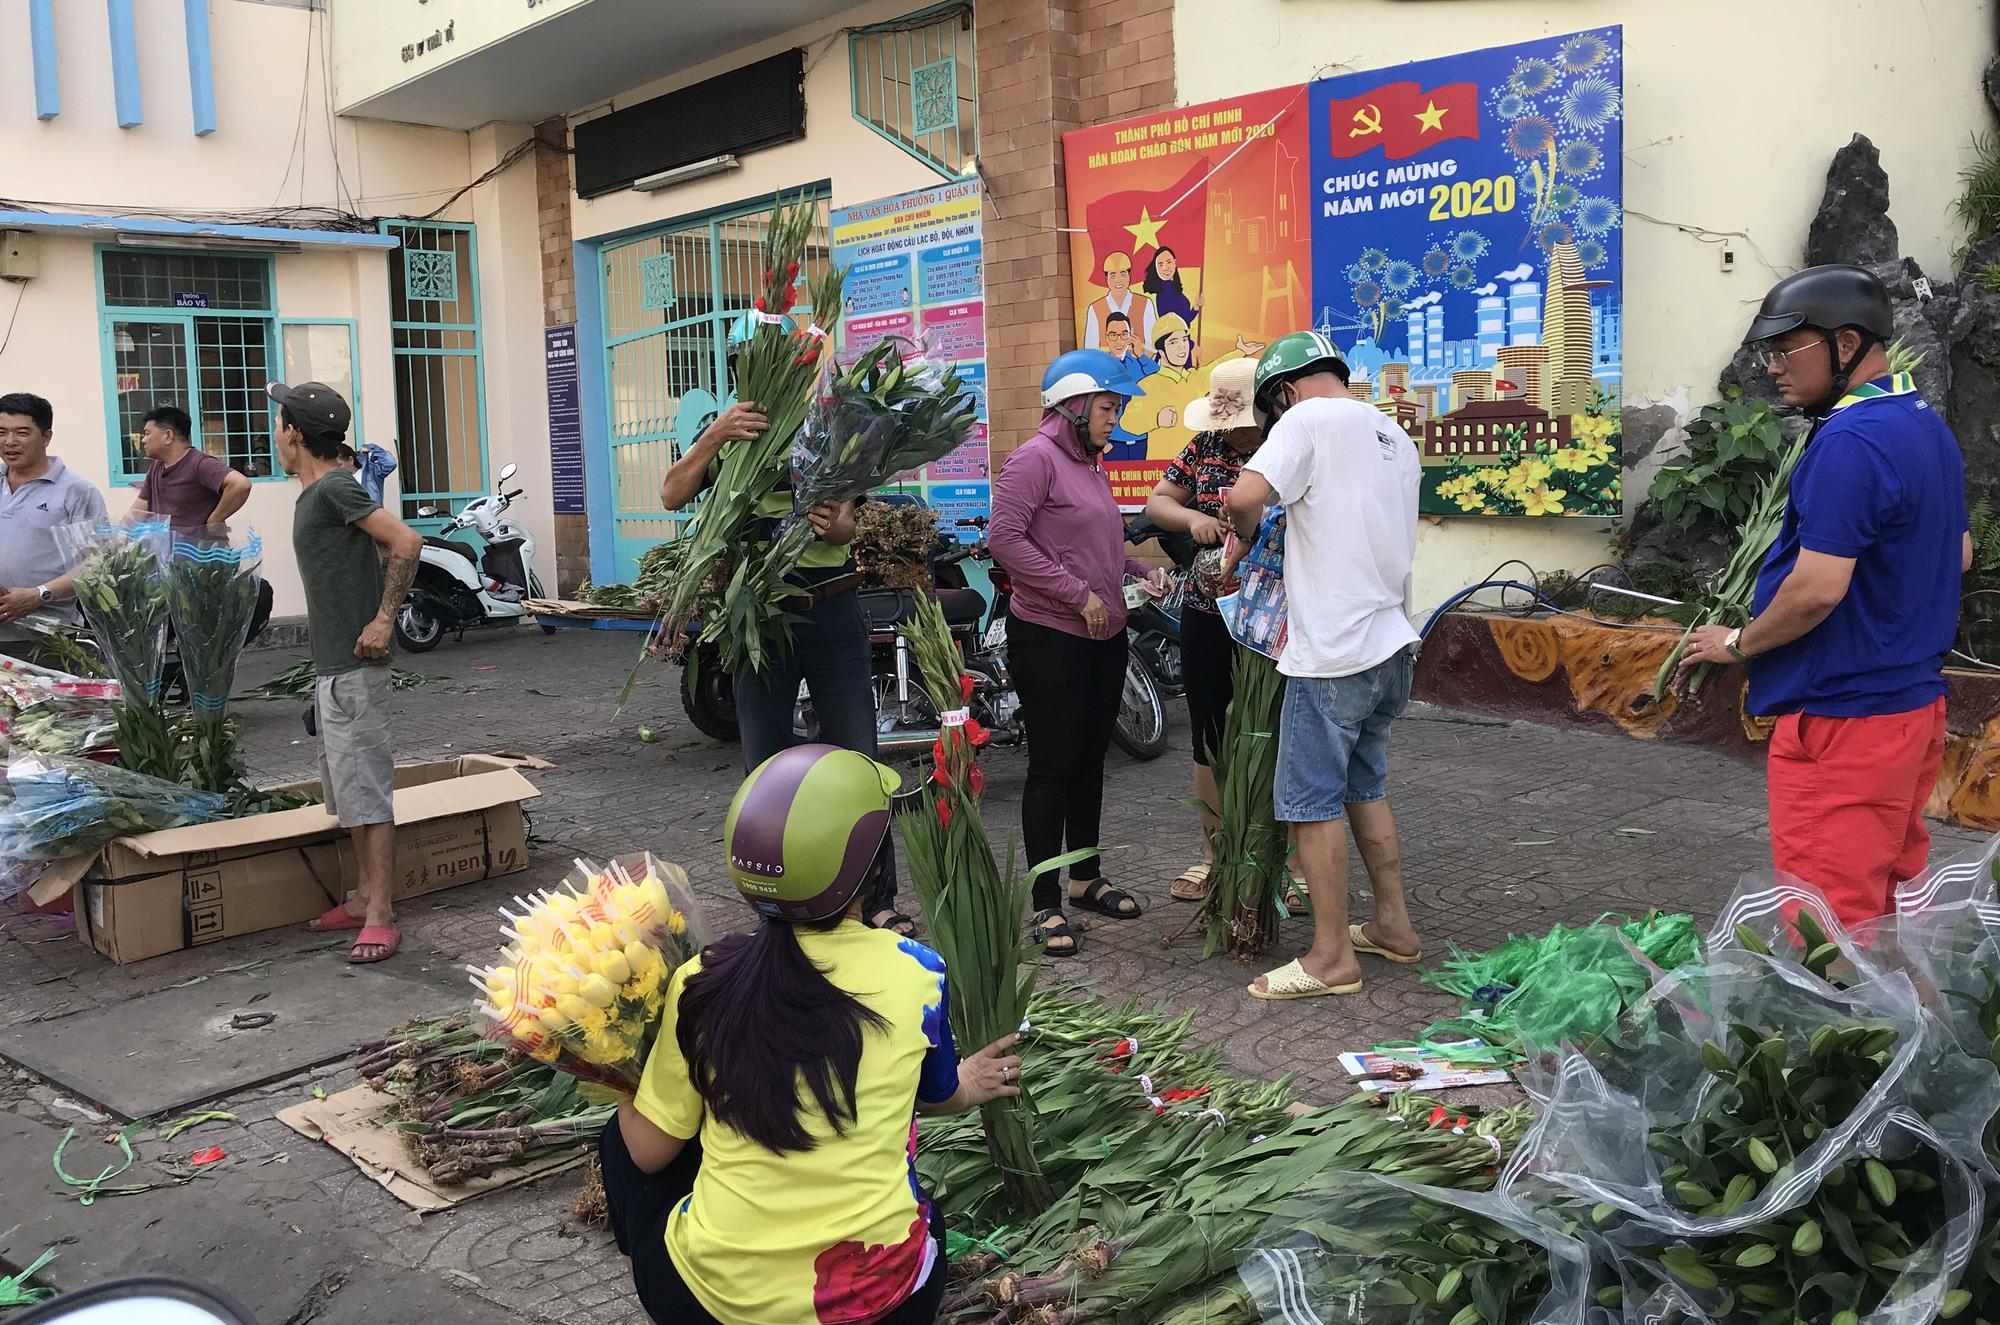 Hoa tươi tại 2 chợ hoa sỉ lớn nhất Sài Gòn chất đống lên xe rác trưa 30 Tết - Ảnh 8.